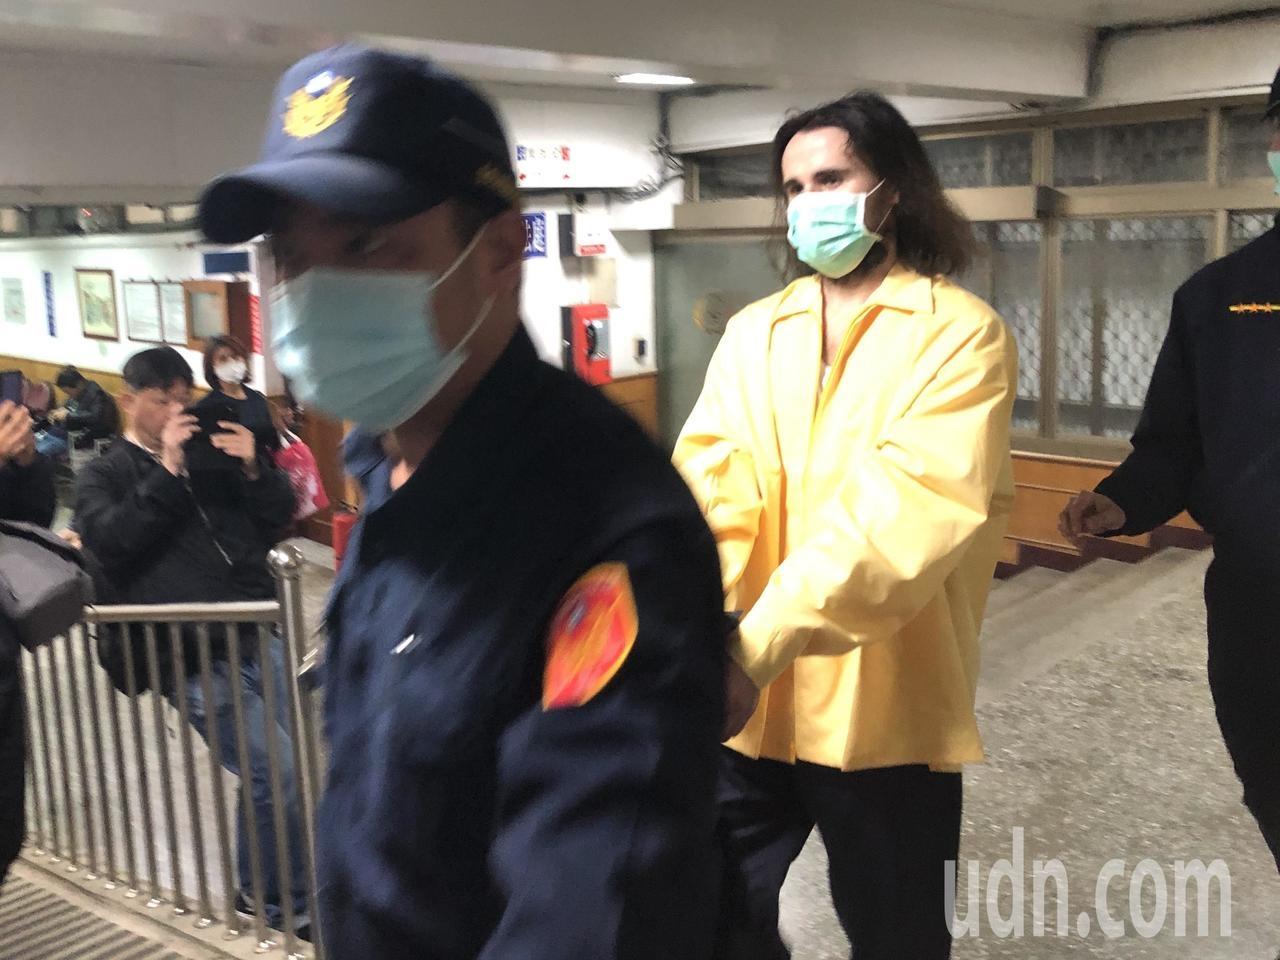 外国男闯台湾机场 沉默4个月突开口说中文:耶稣是上帝